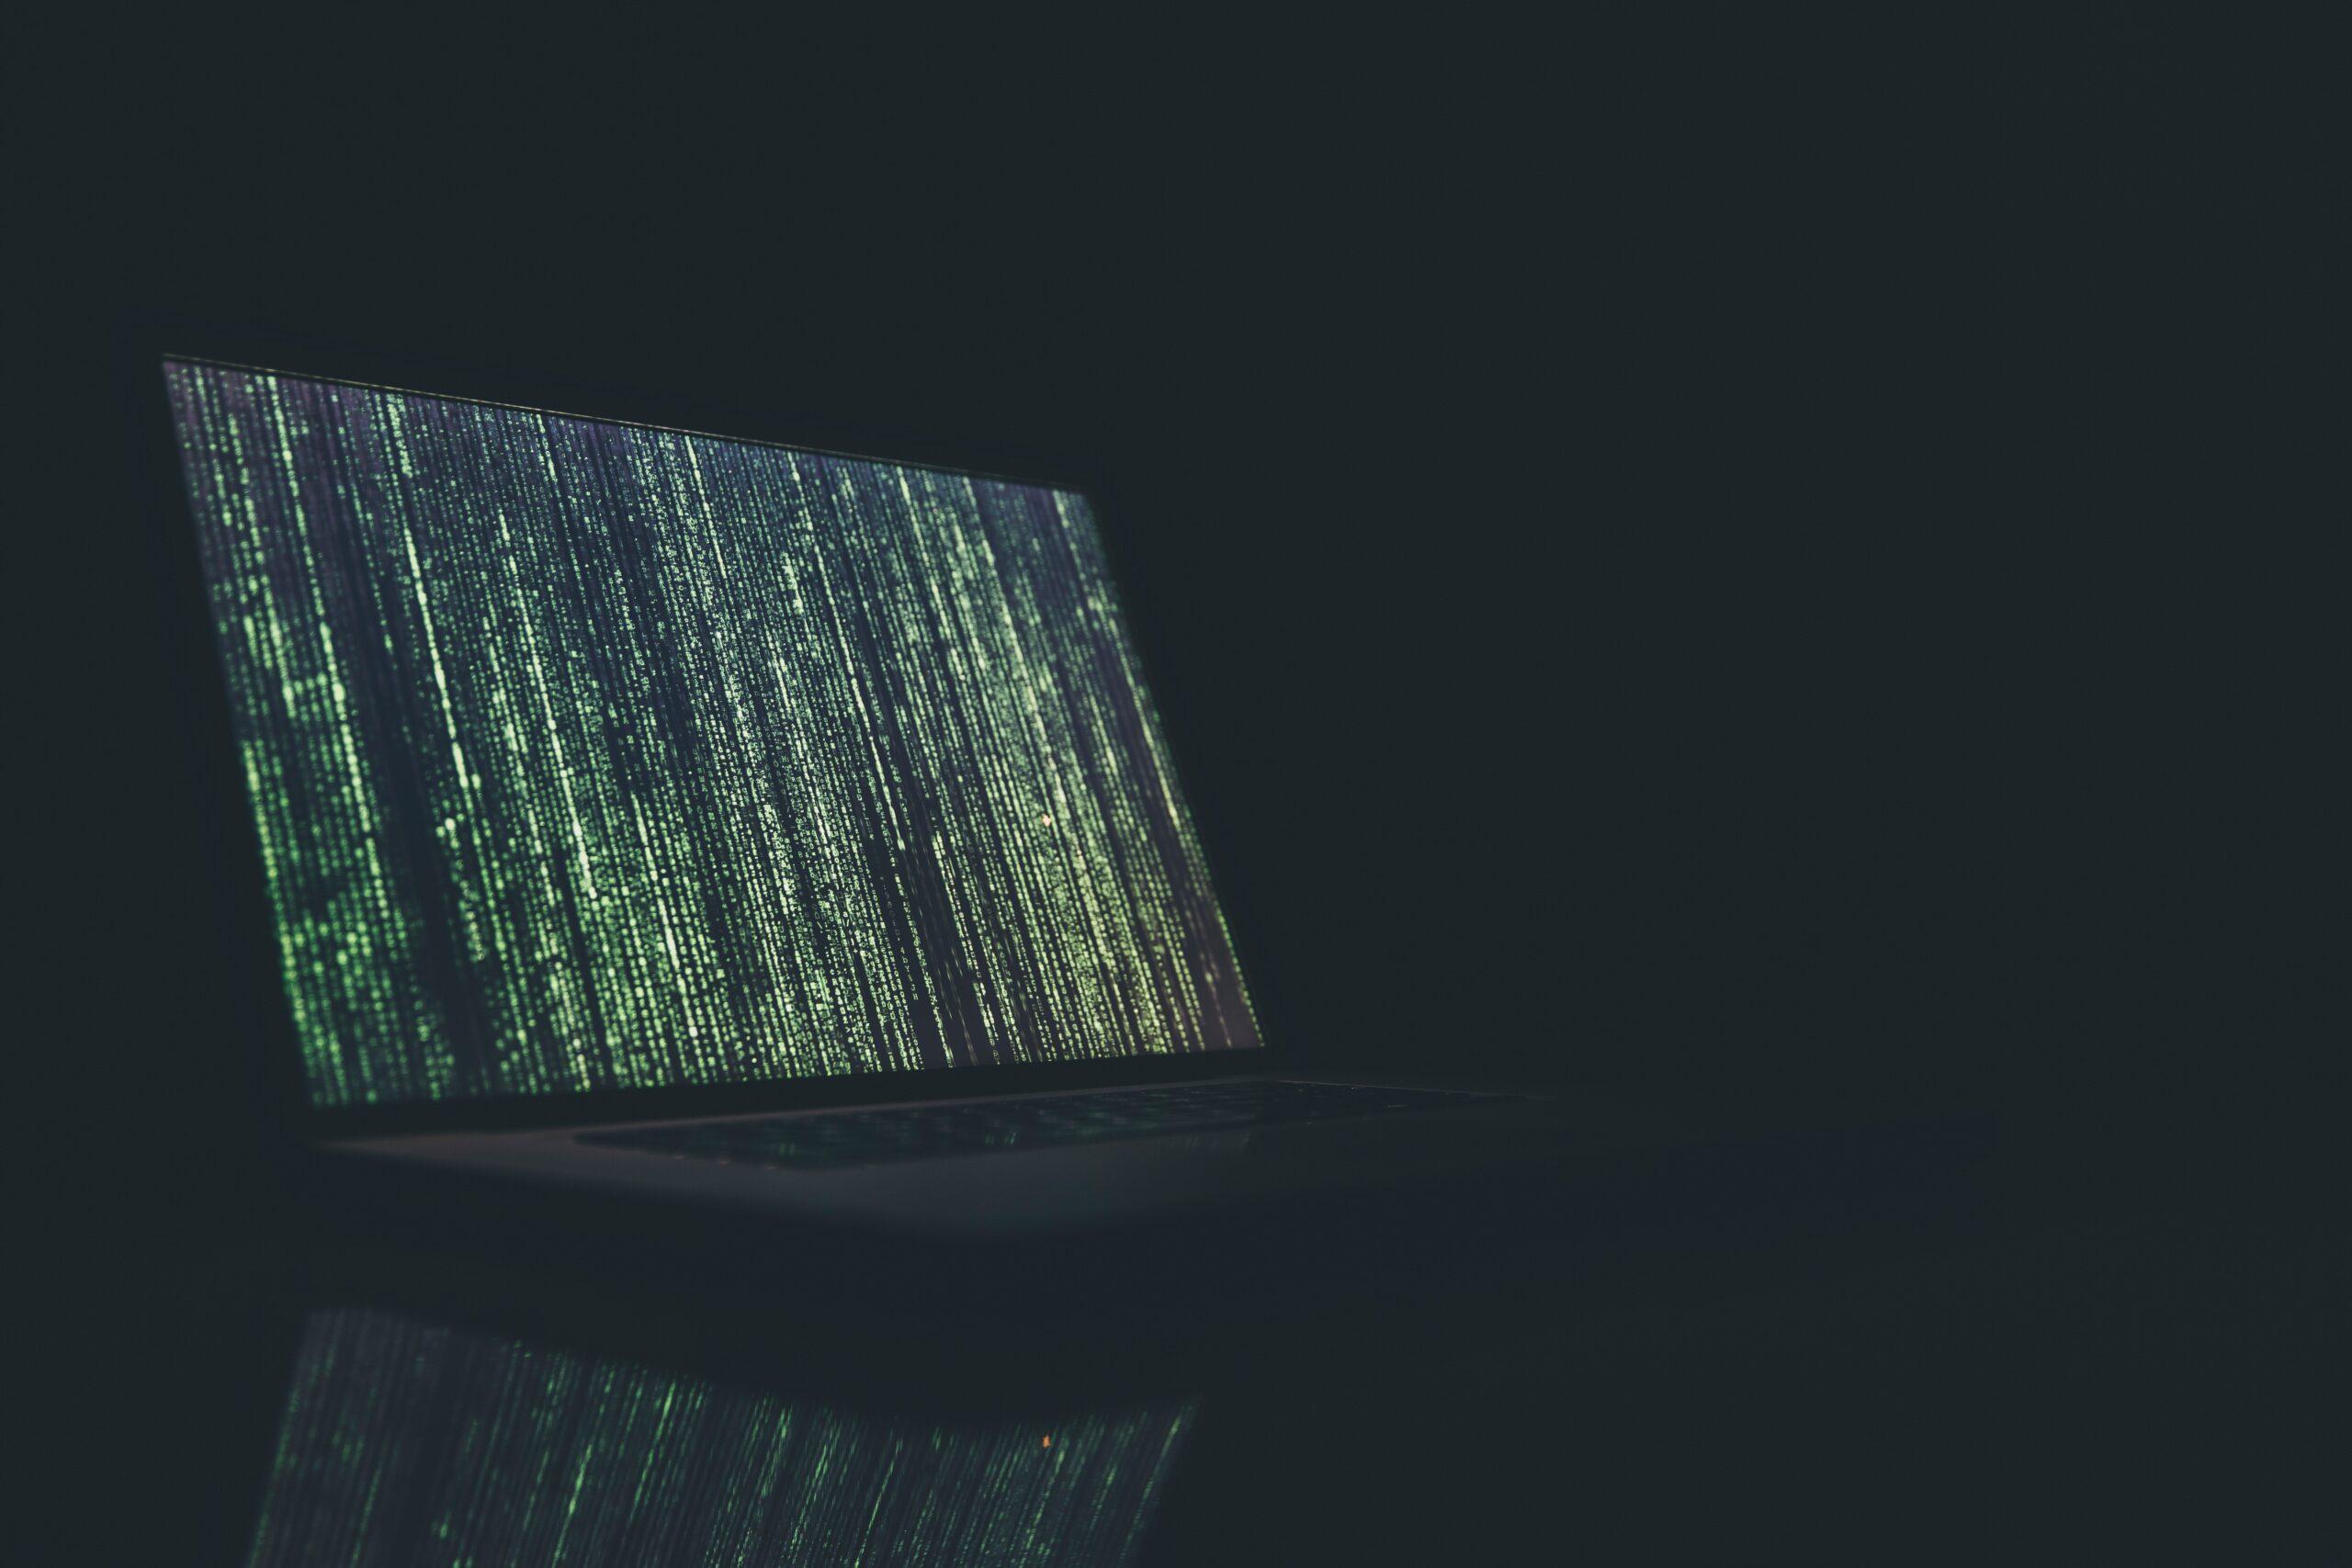 Phishing a tema INPS: come avviene il furto dei dati e come difendersi